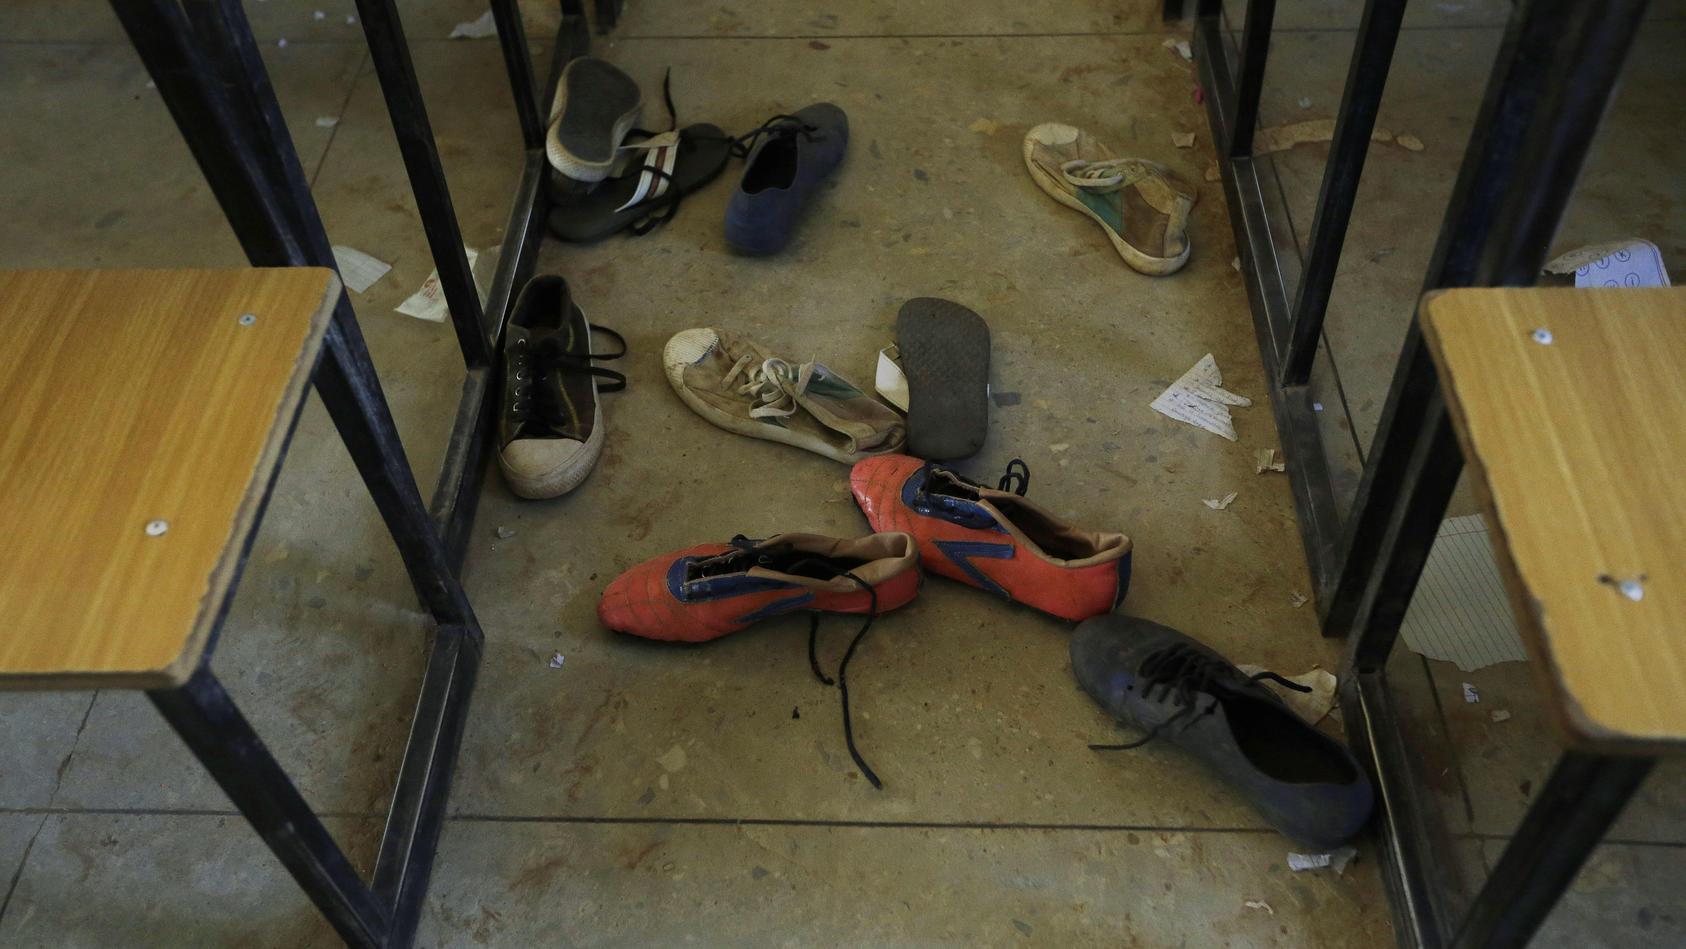 Bewaffnete Angreifer haben eine Schule in Nigeria überfallen und Schüler entführt. Schon im Dezember waren Hunderte Kinder entführt worden.